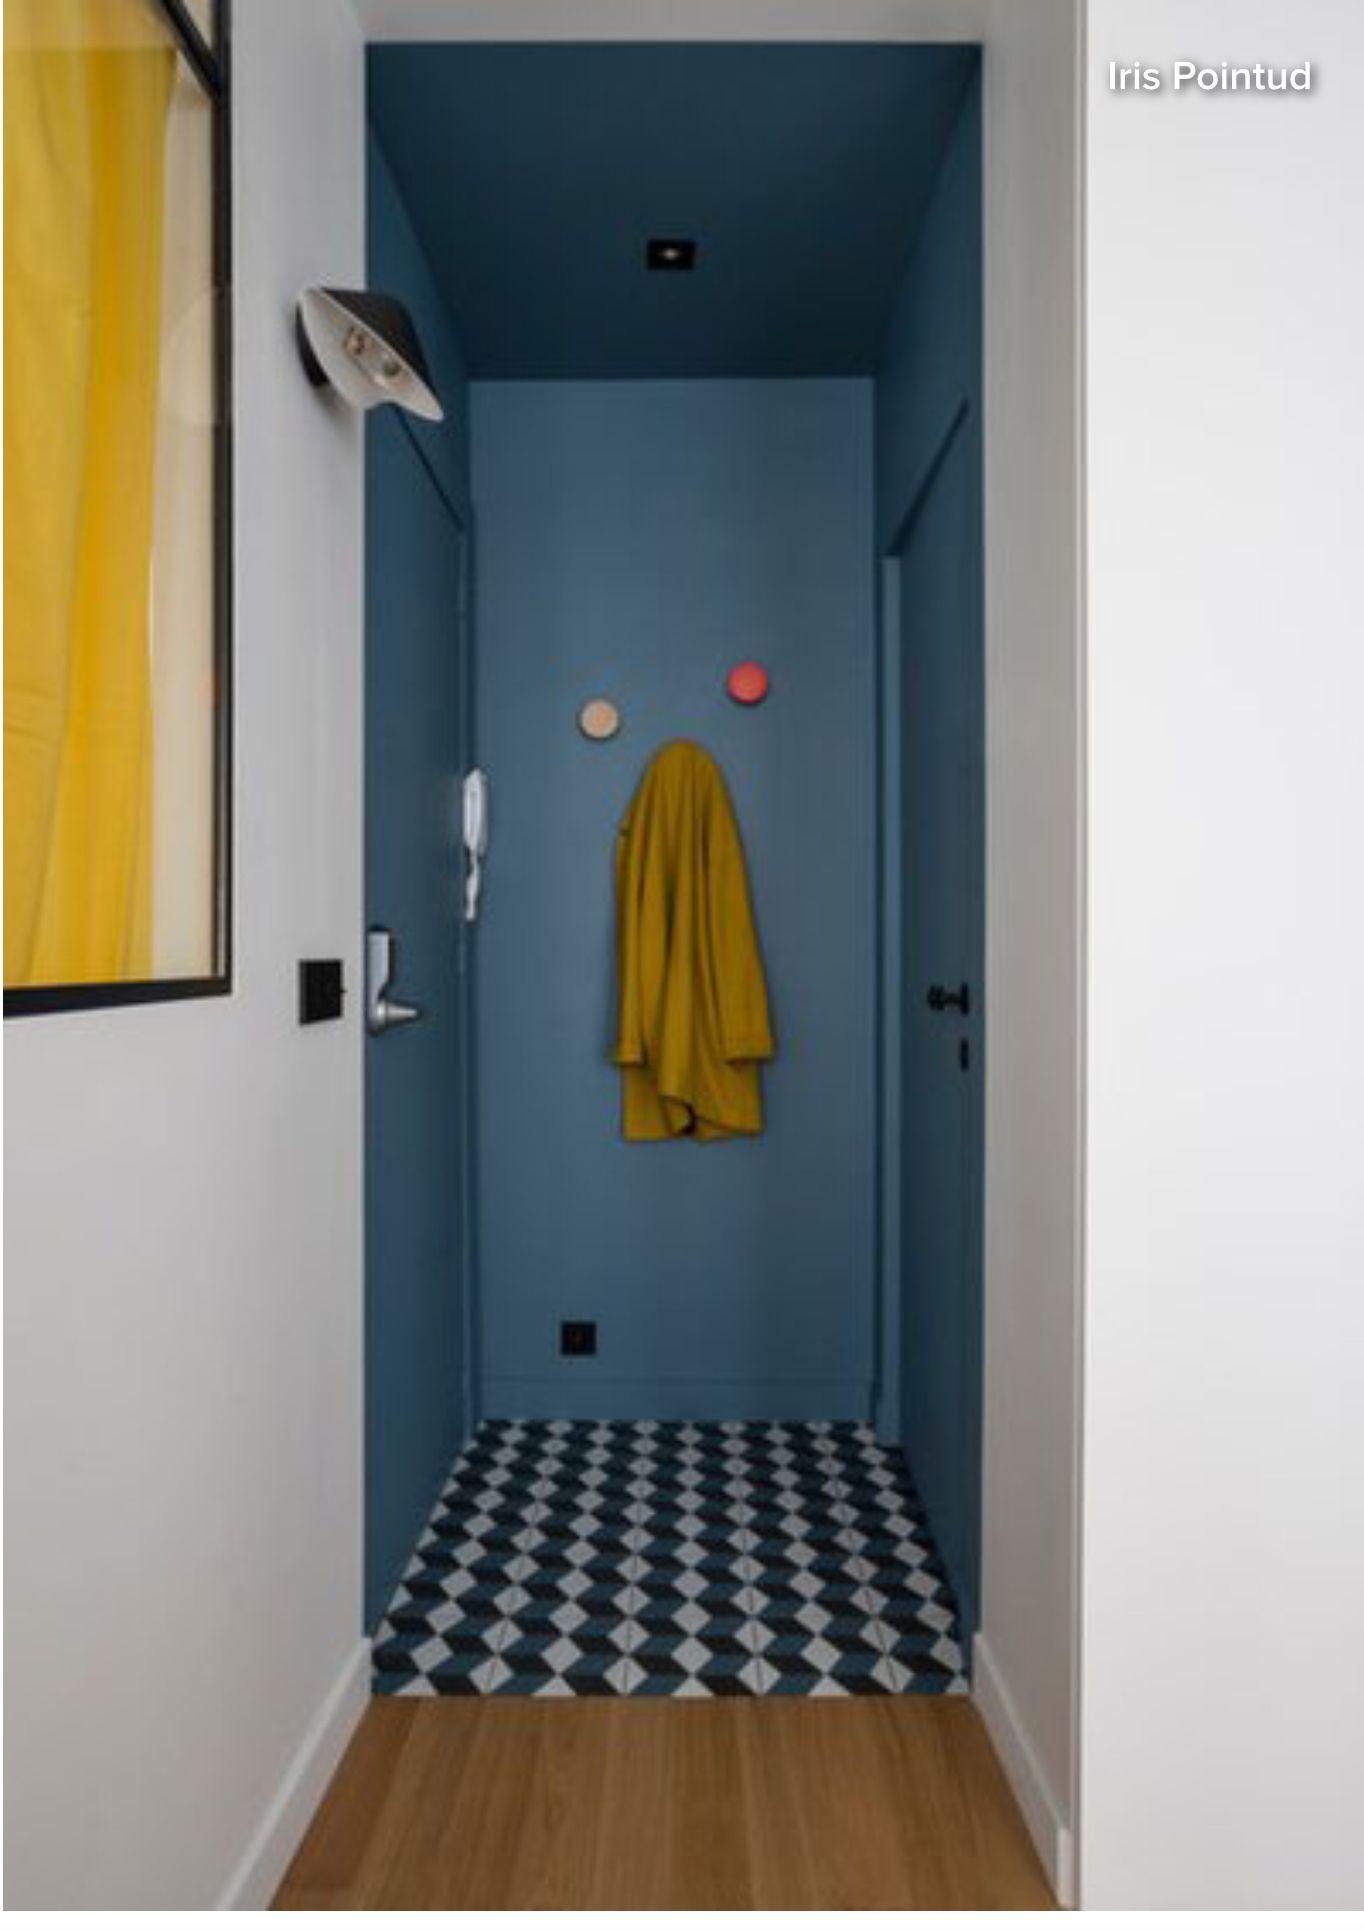 Épinglé par Cathie Herrmann sur Entrée et couloir | Entrée maison, Décoration toscane, Maisons ...